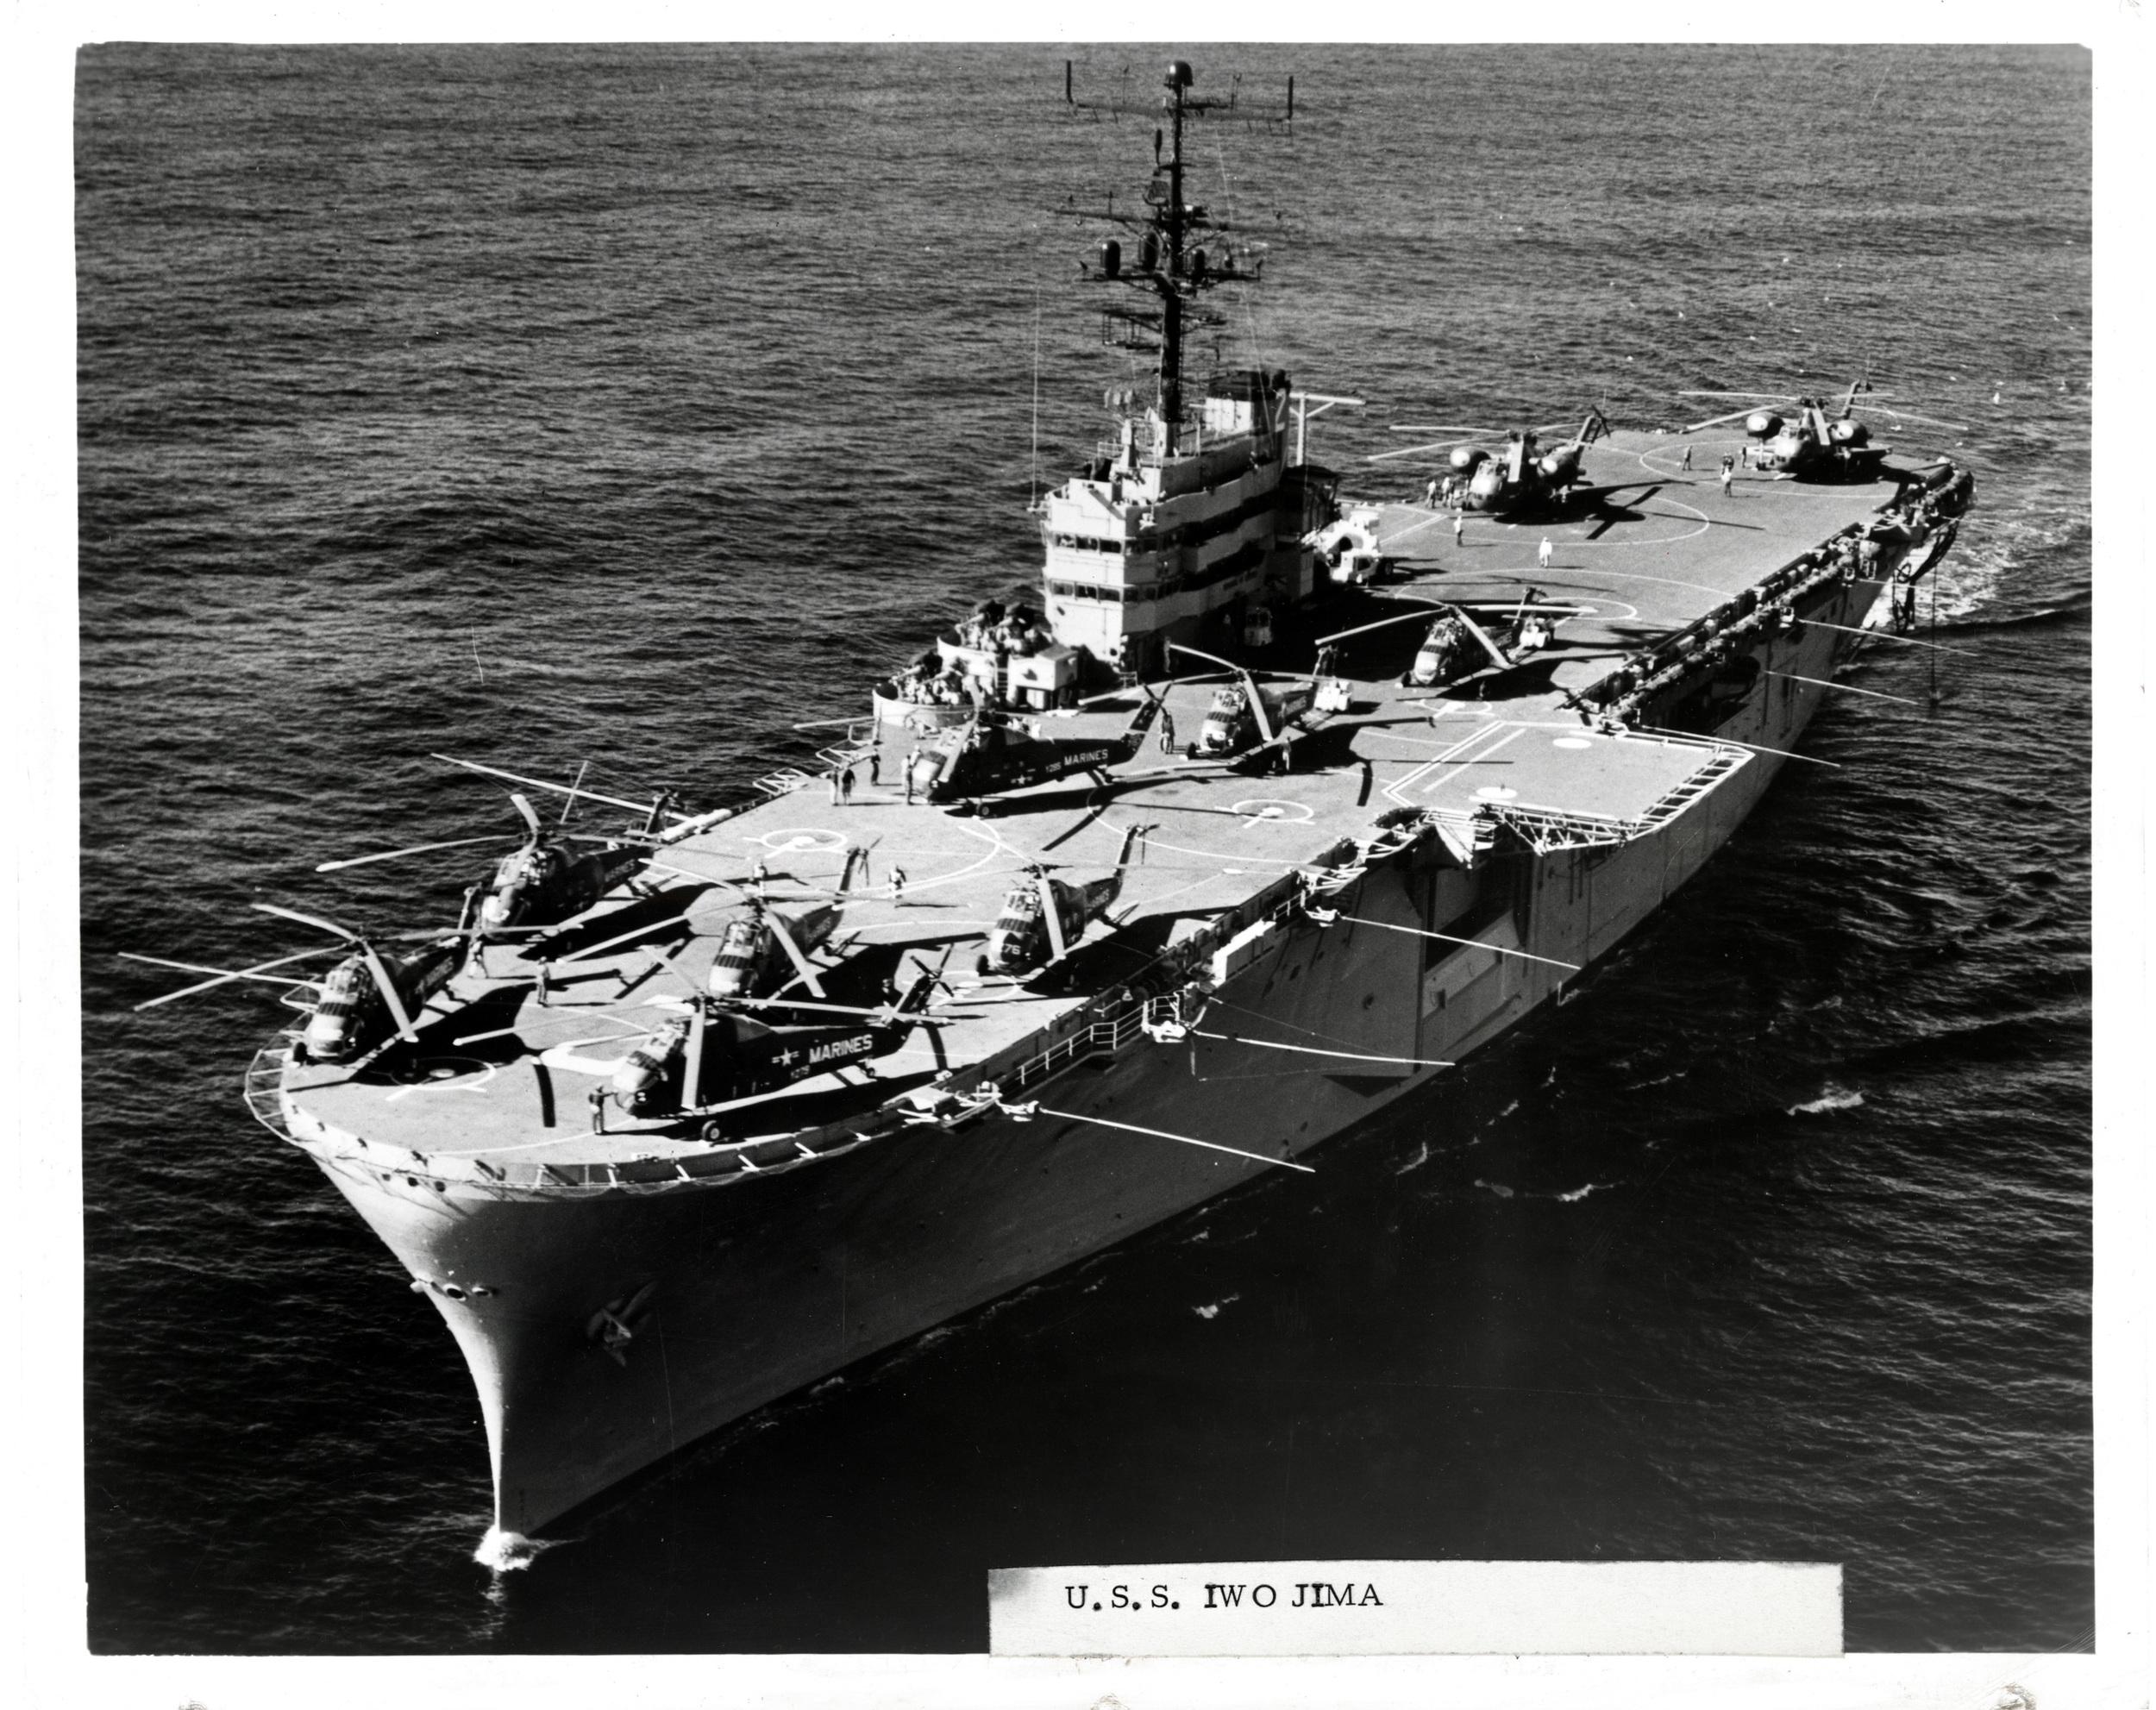 USS Iwo Jima (LPH-2)